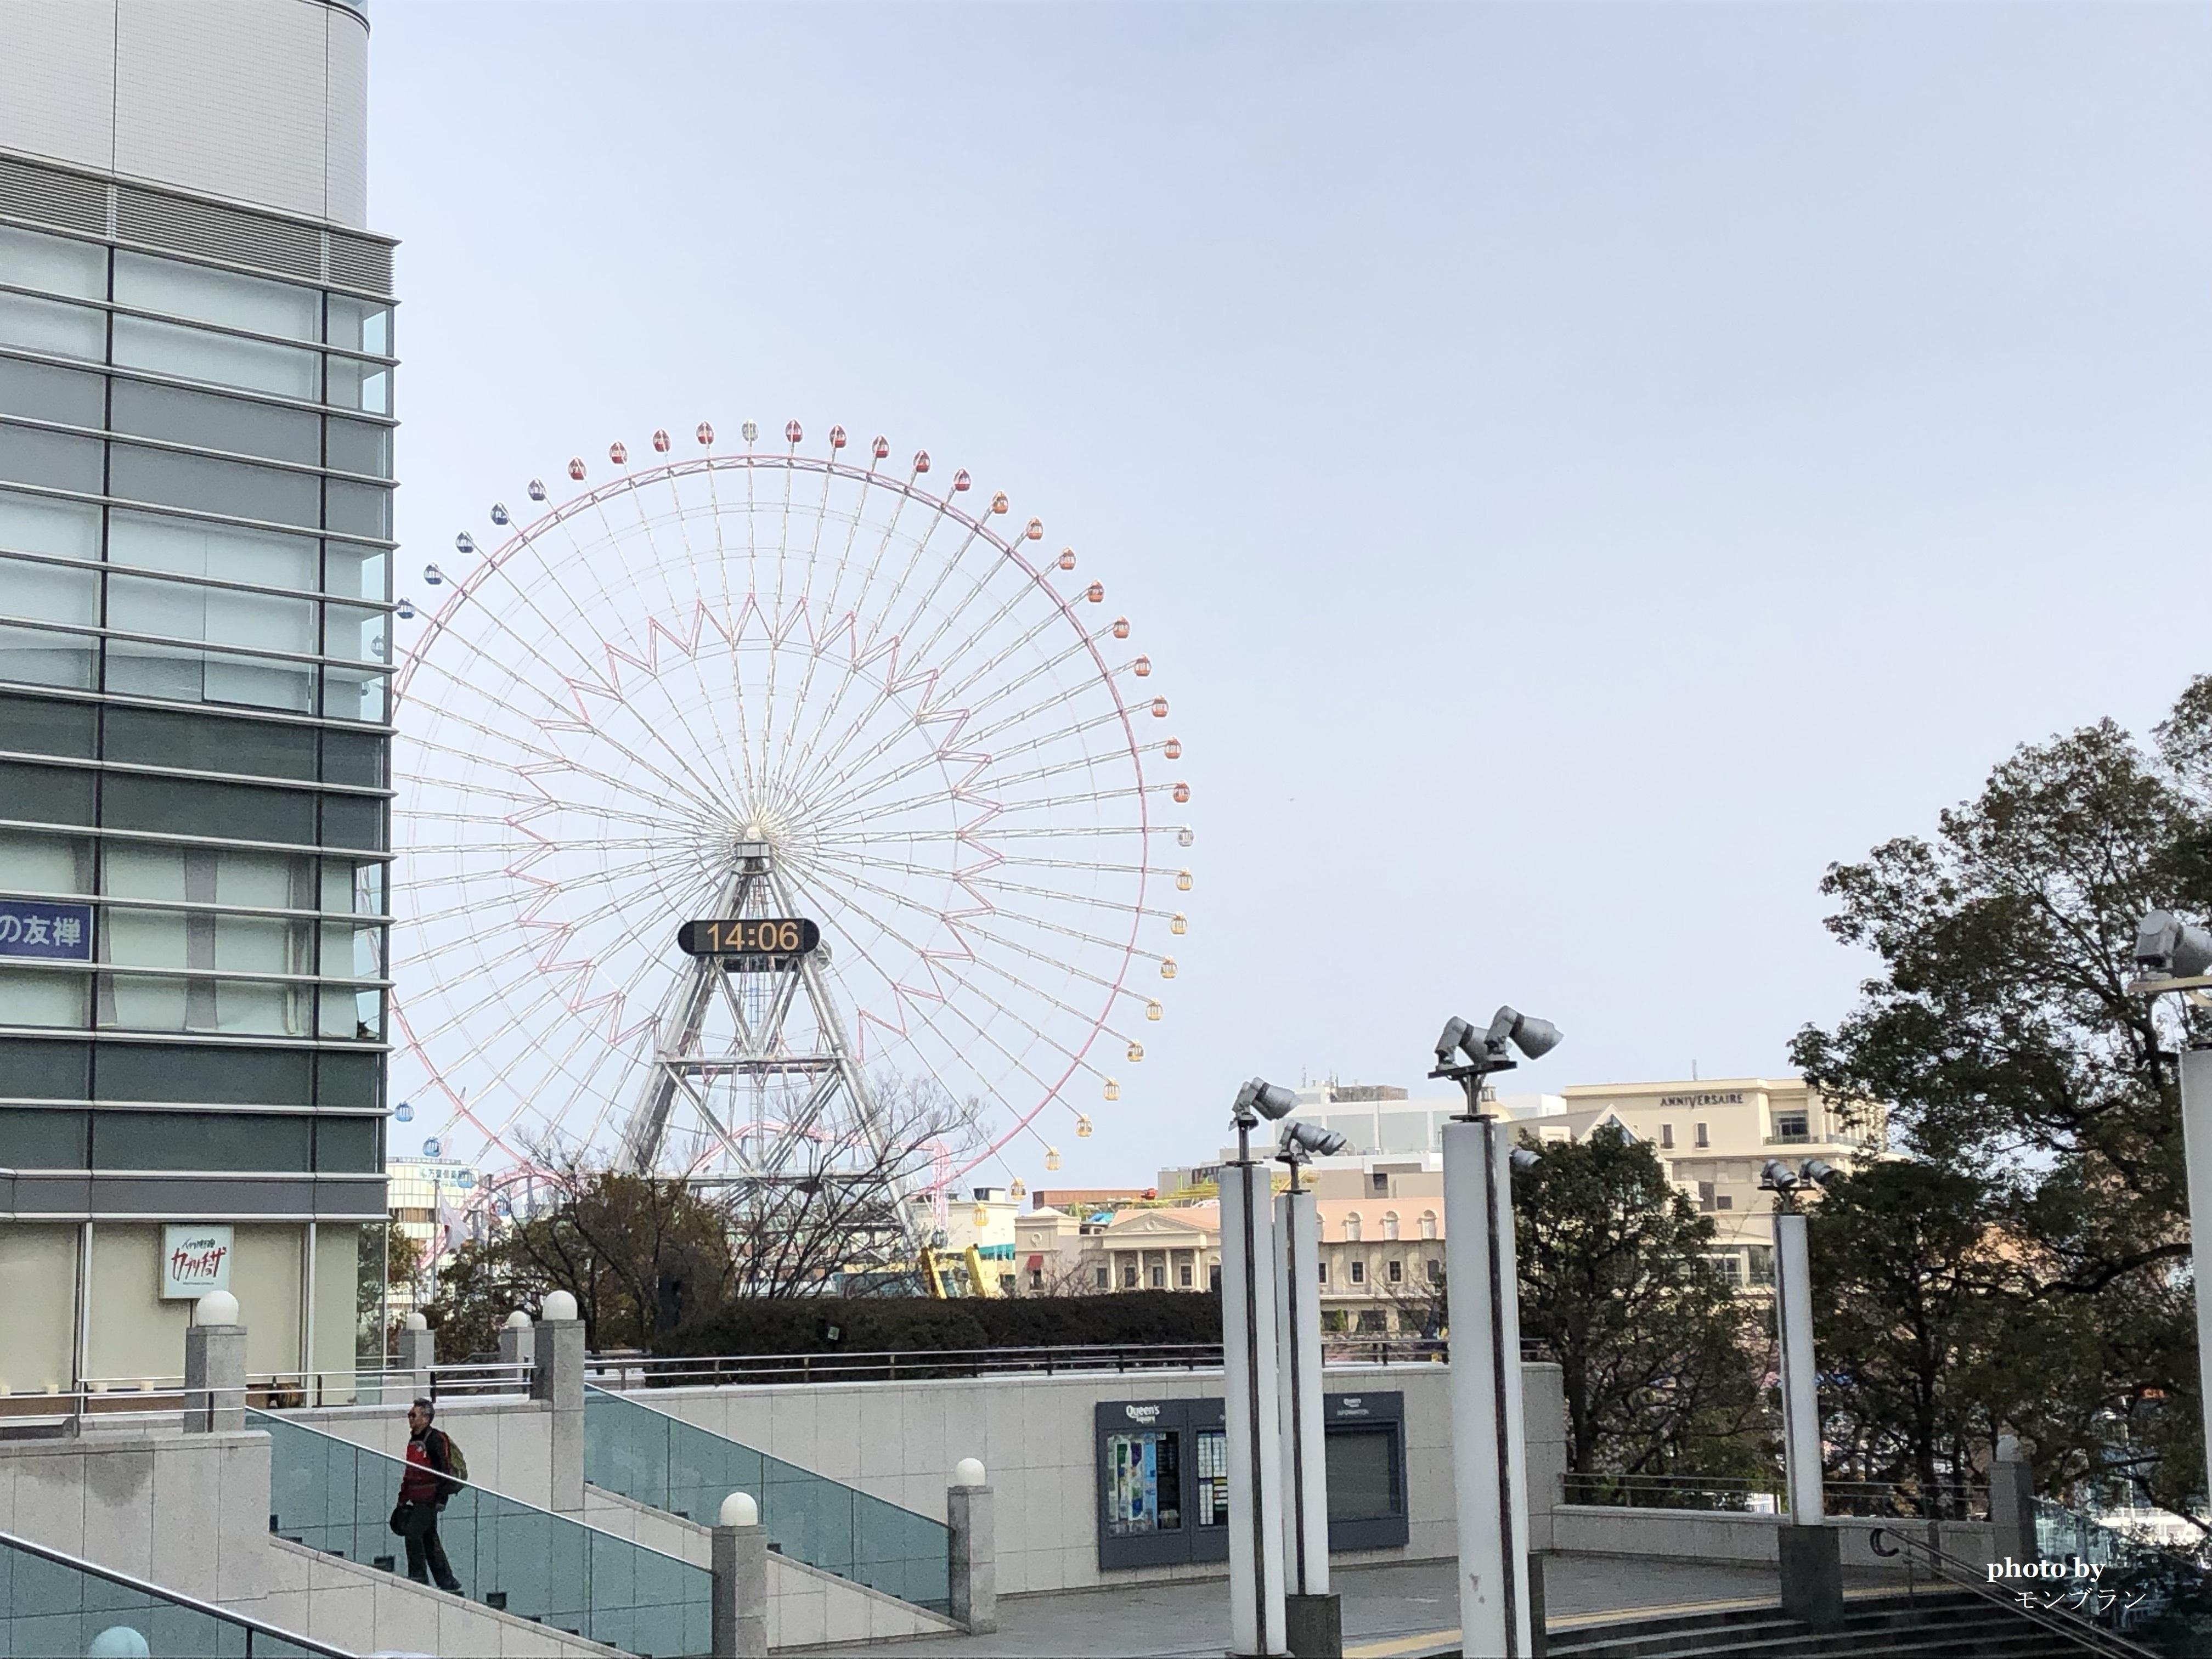 横浜旅行記みなとみらい